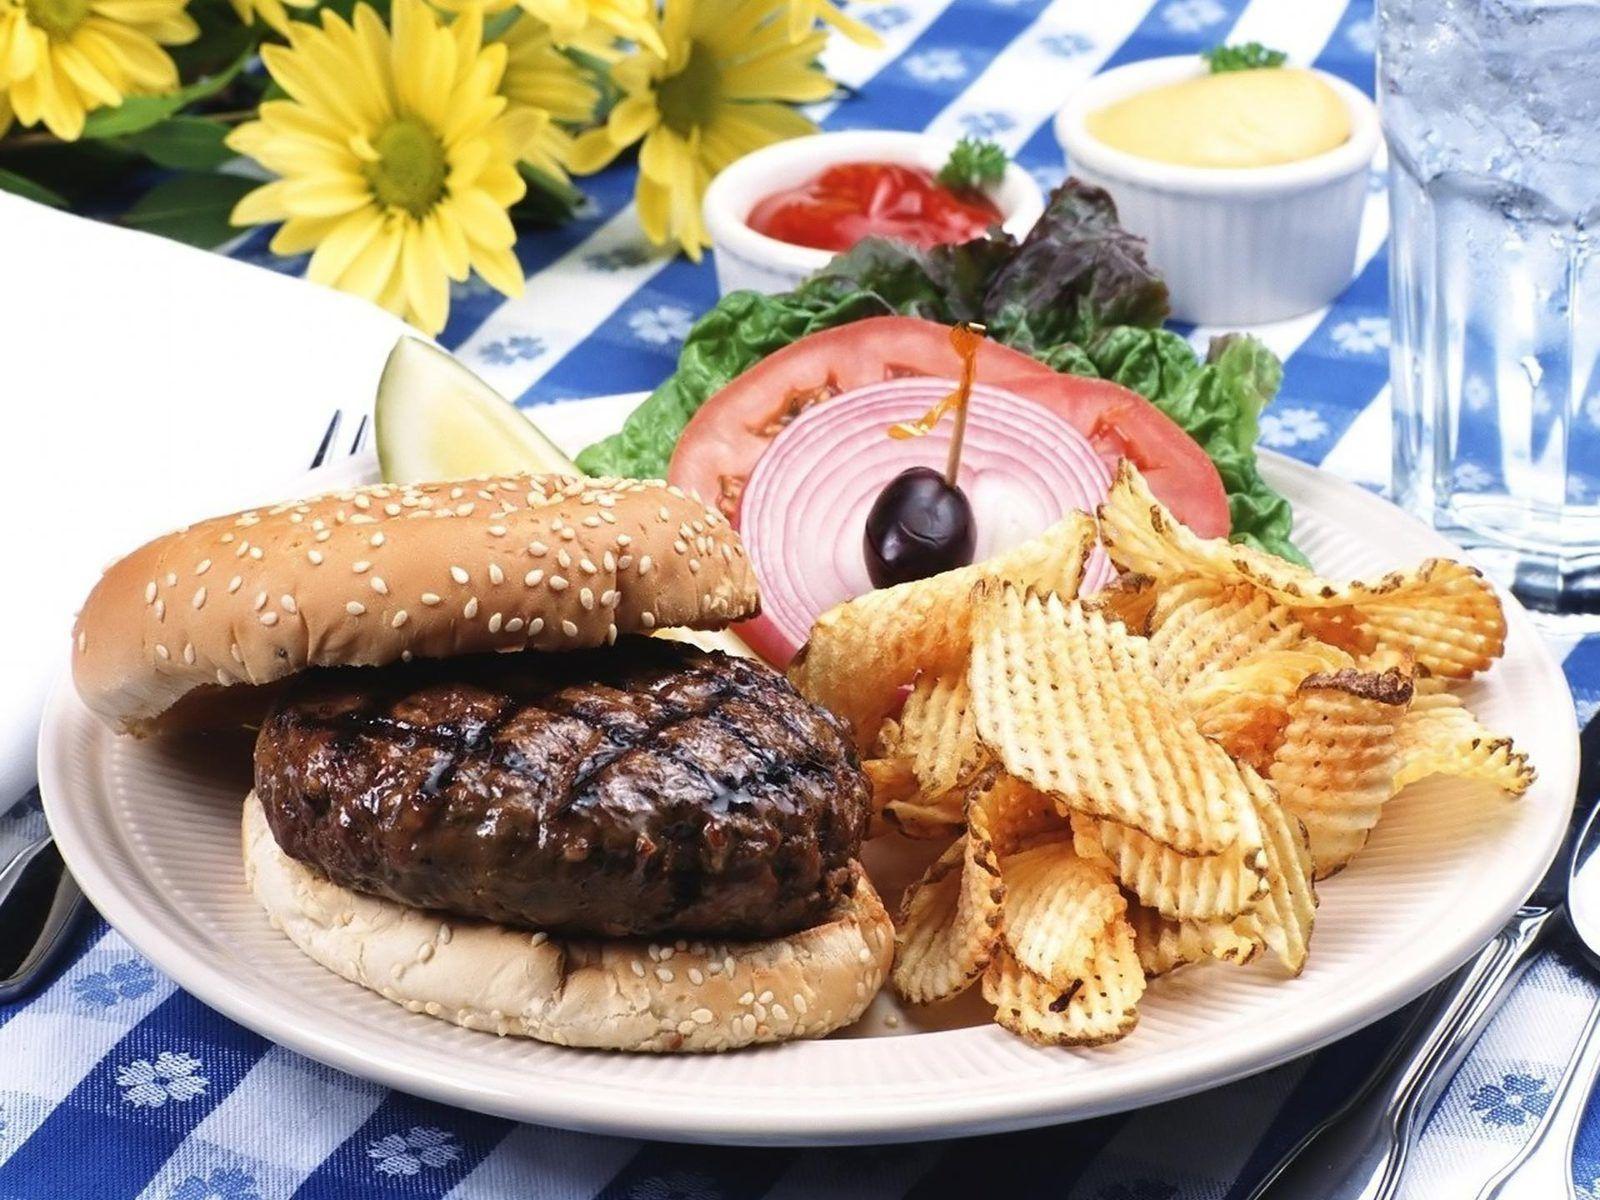 Bon appétit - Nourriture - Assiette - Hamburger - Légumes - Sauce - Chips - Photographie - Wallpaper - Free